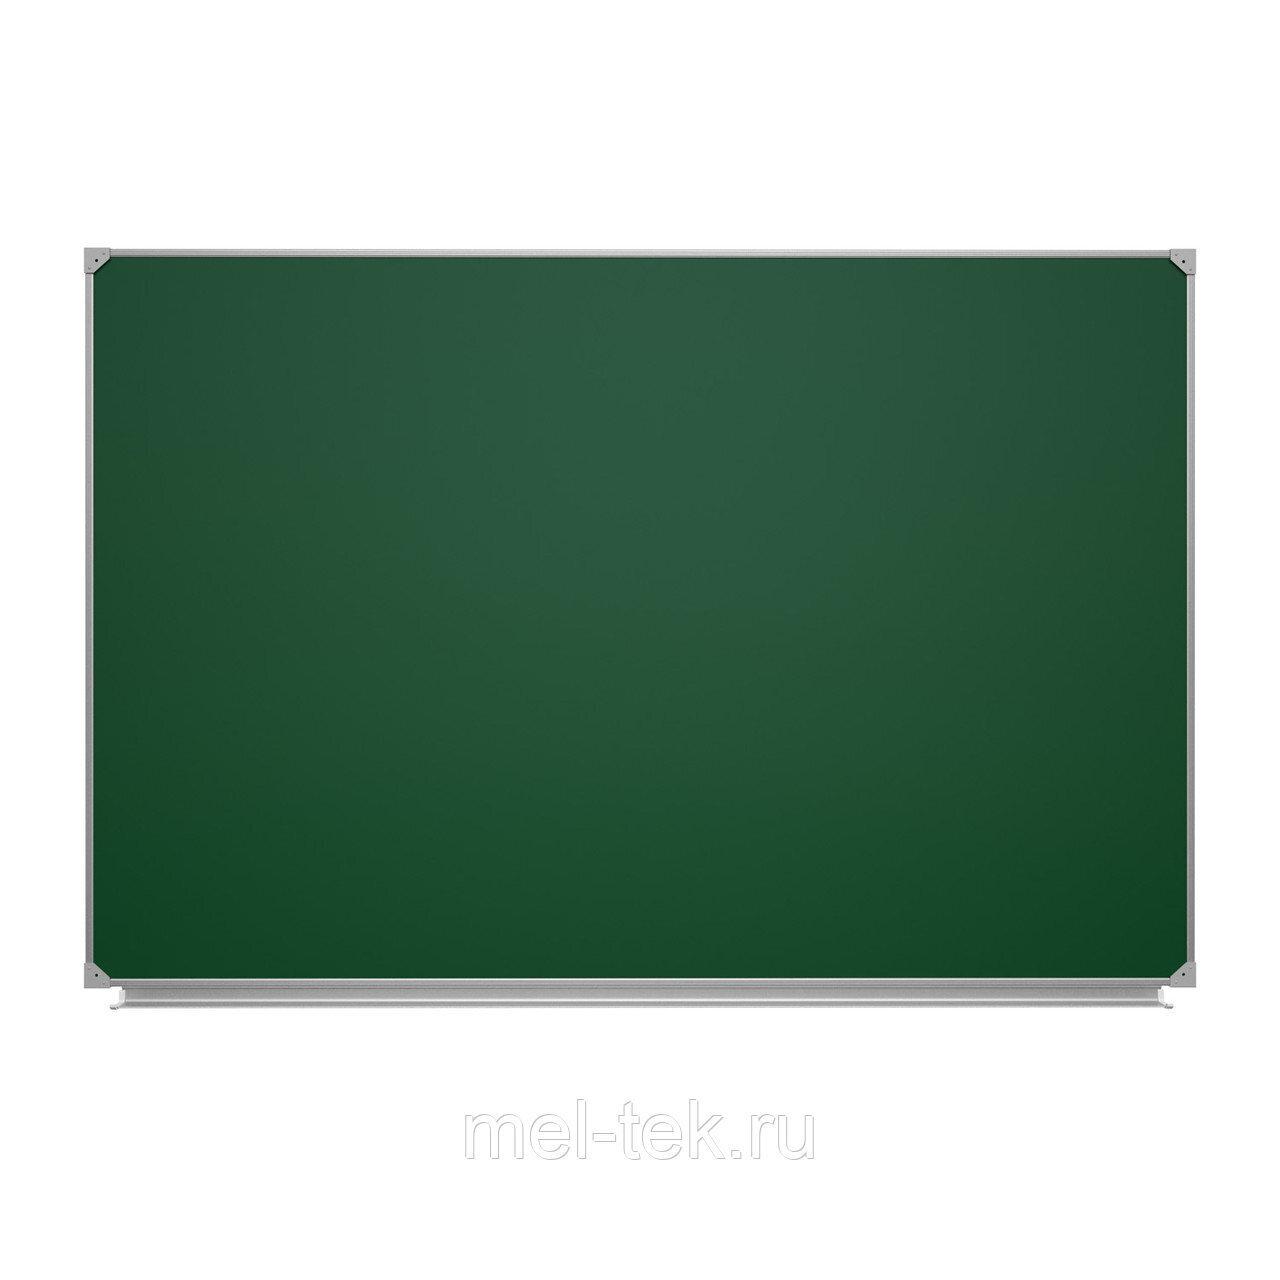 Доска магнитно-меловая 1эл 120 х 100 см